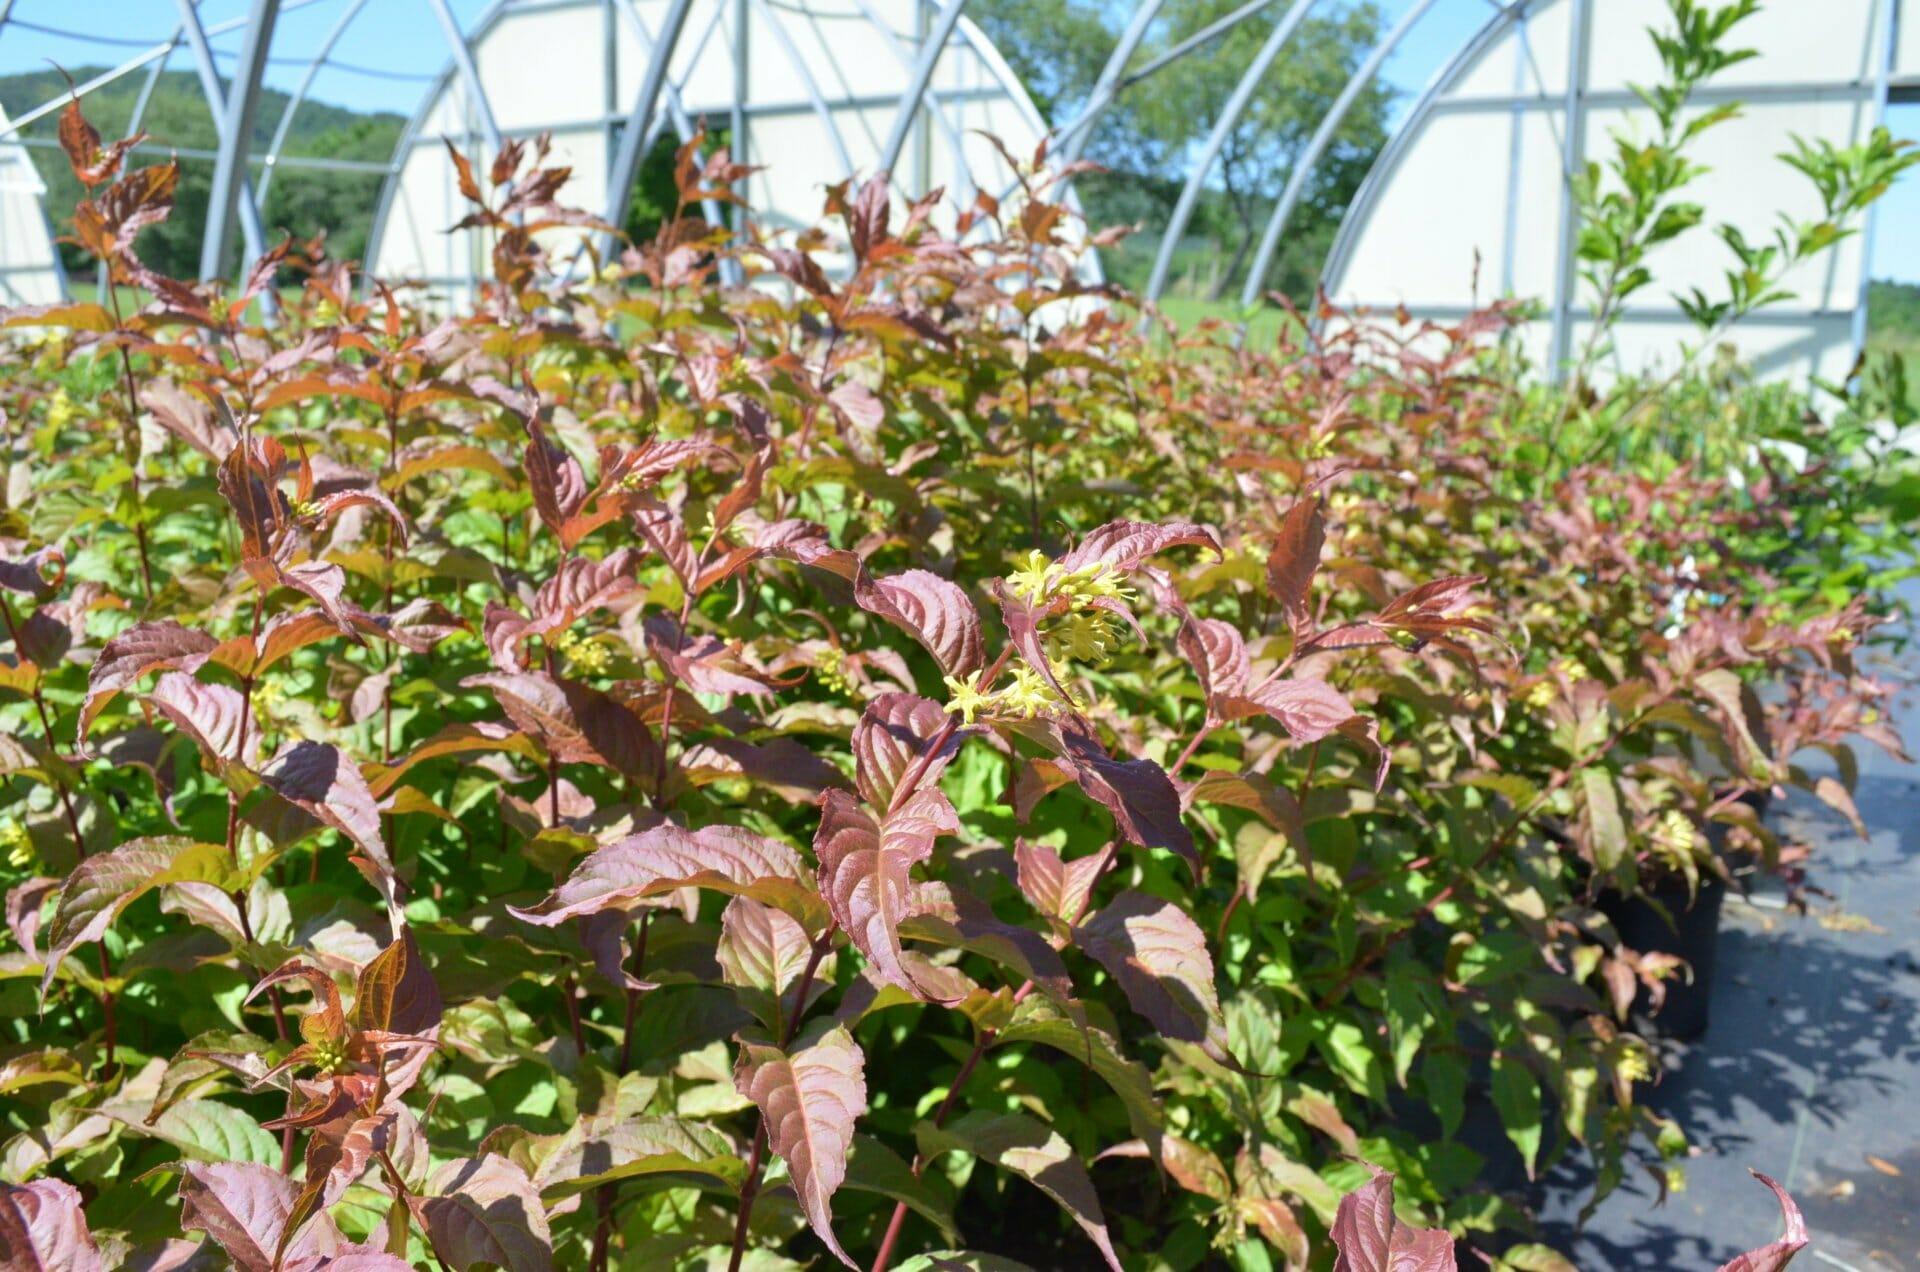 Quality Greenhouses & Perennial Farm Inc.